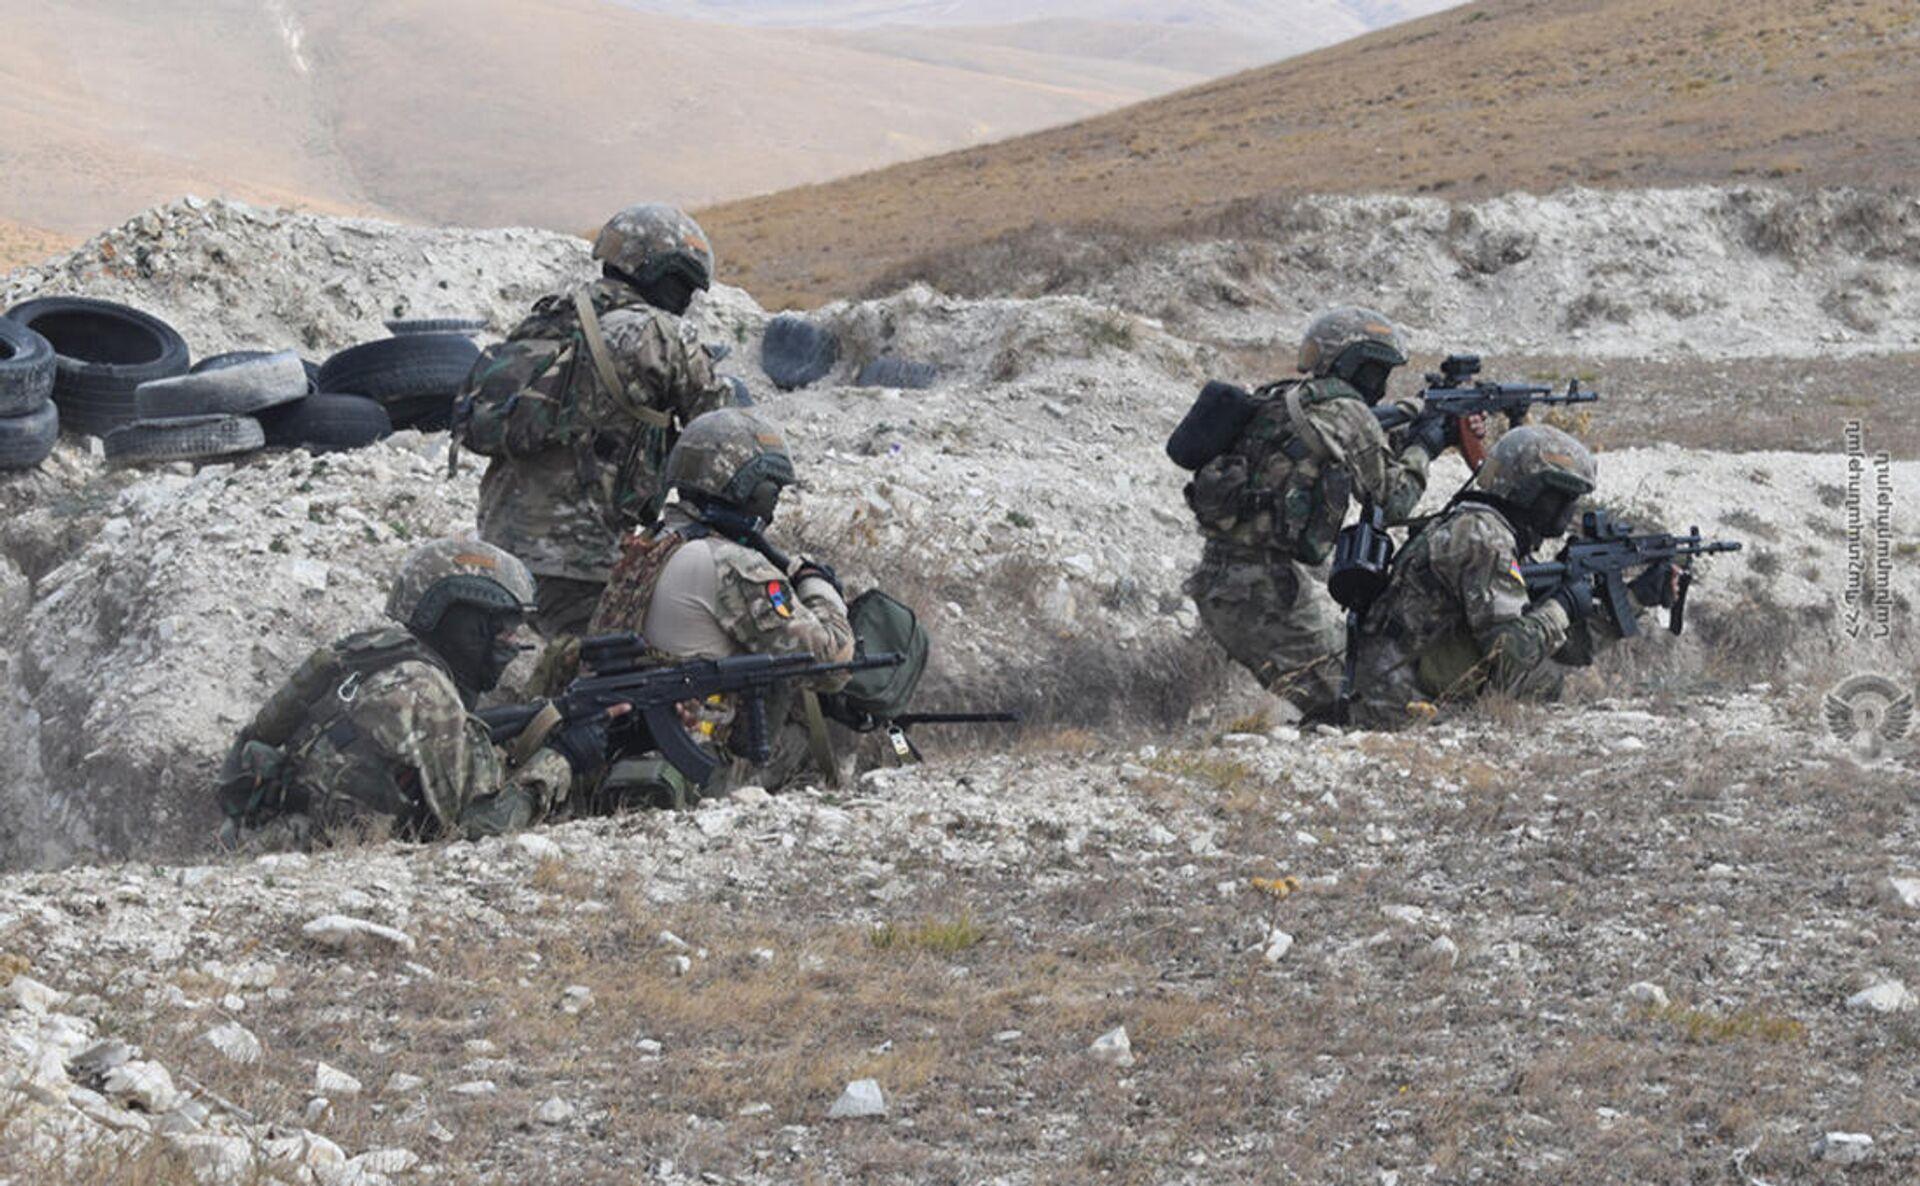 Военнослужащие специальных подразделений ВС провели наступательные операции на северо-восточной границе Армении - Sputnik Արմենիա, 1920, 23.09.2021